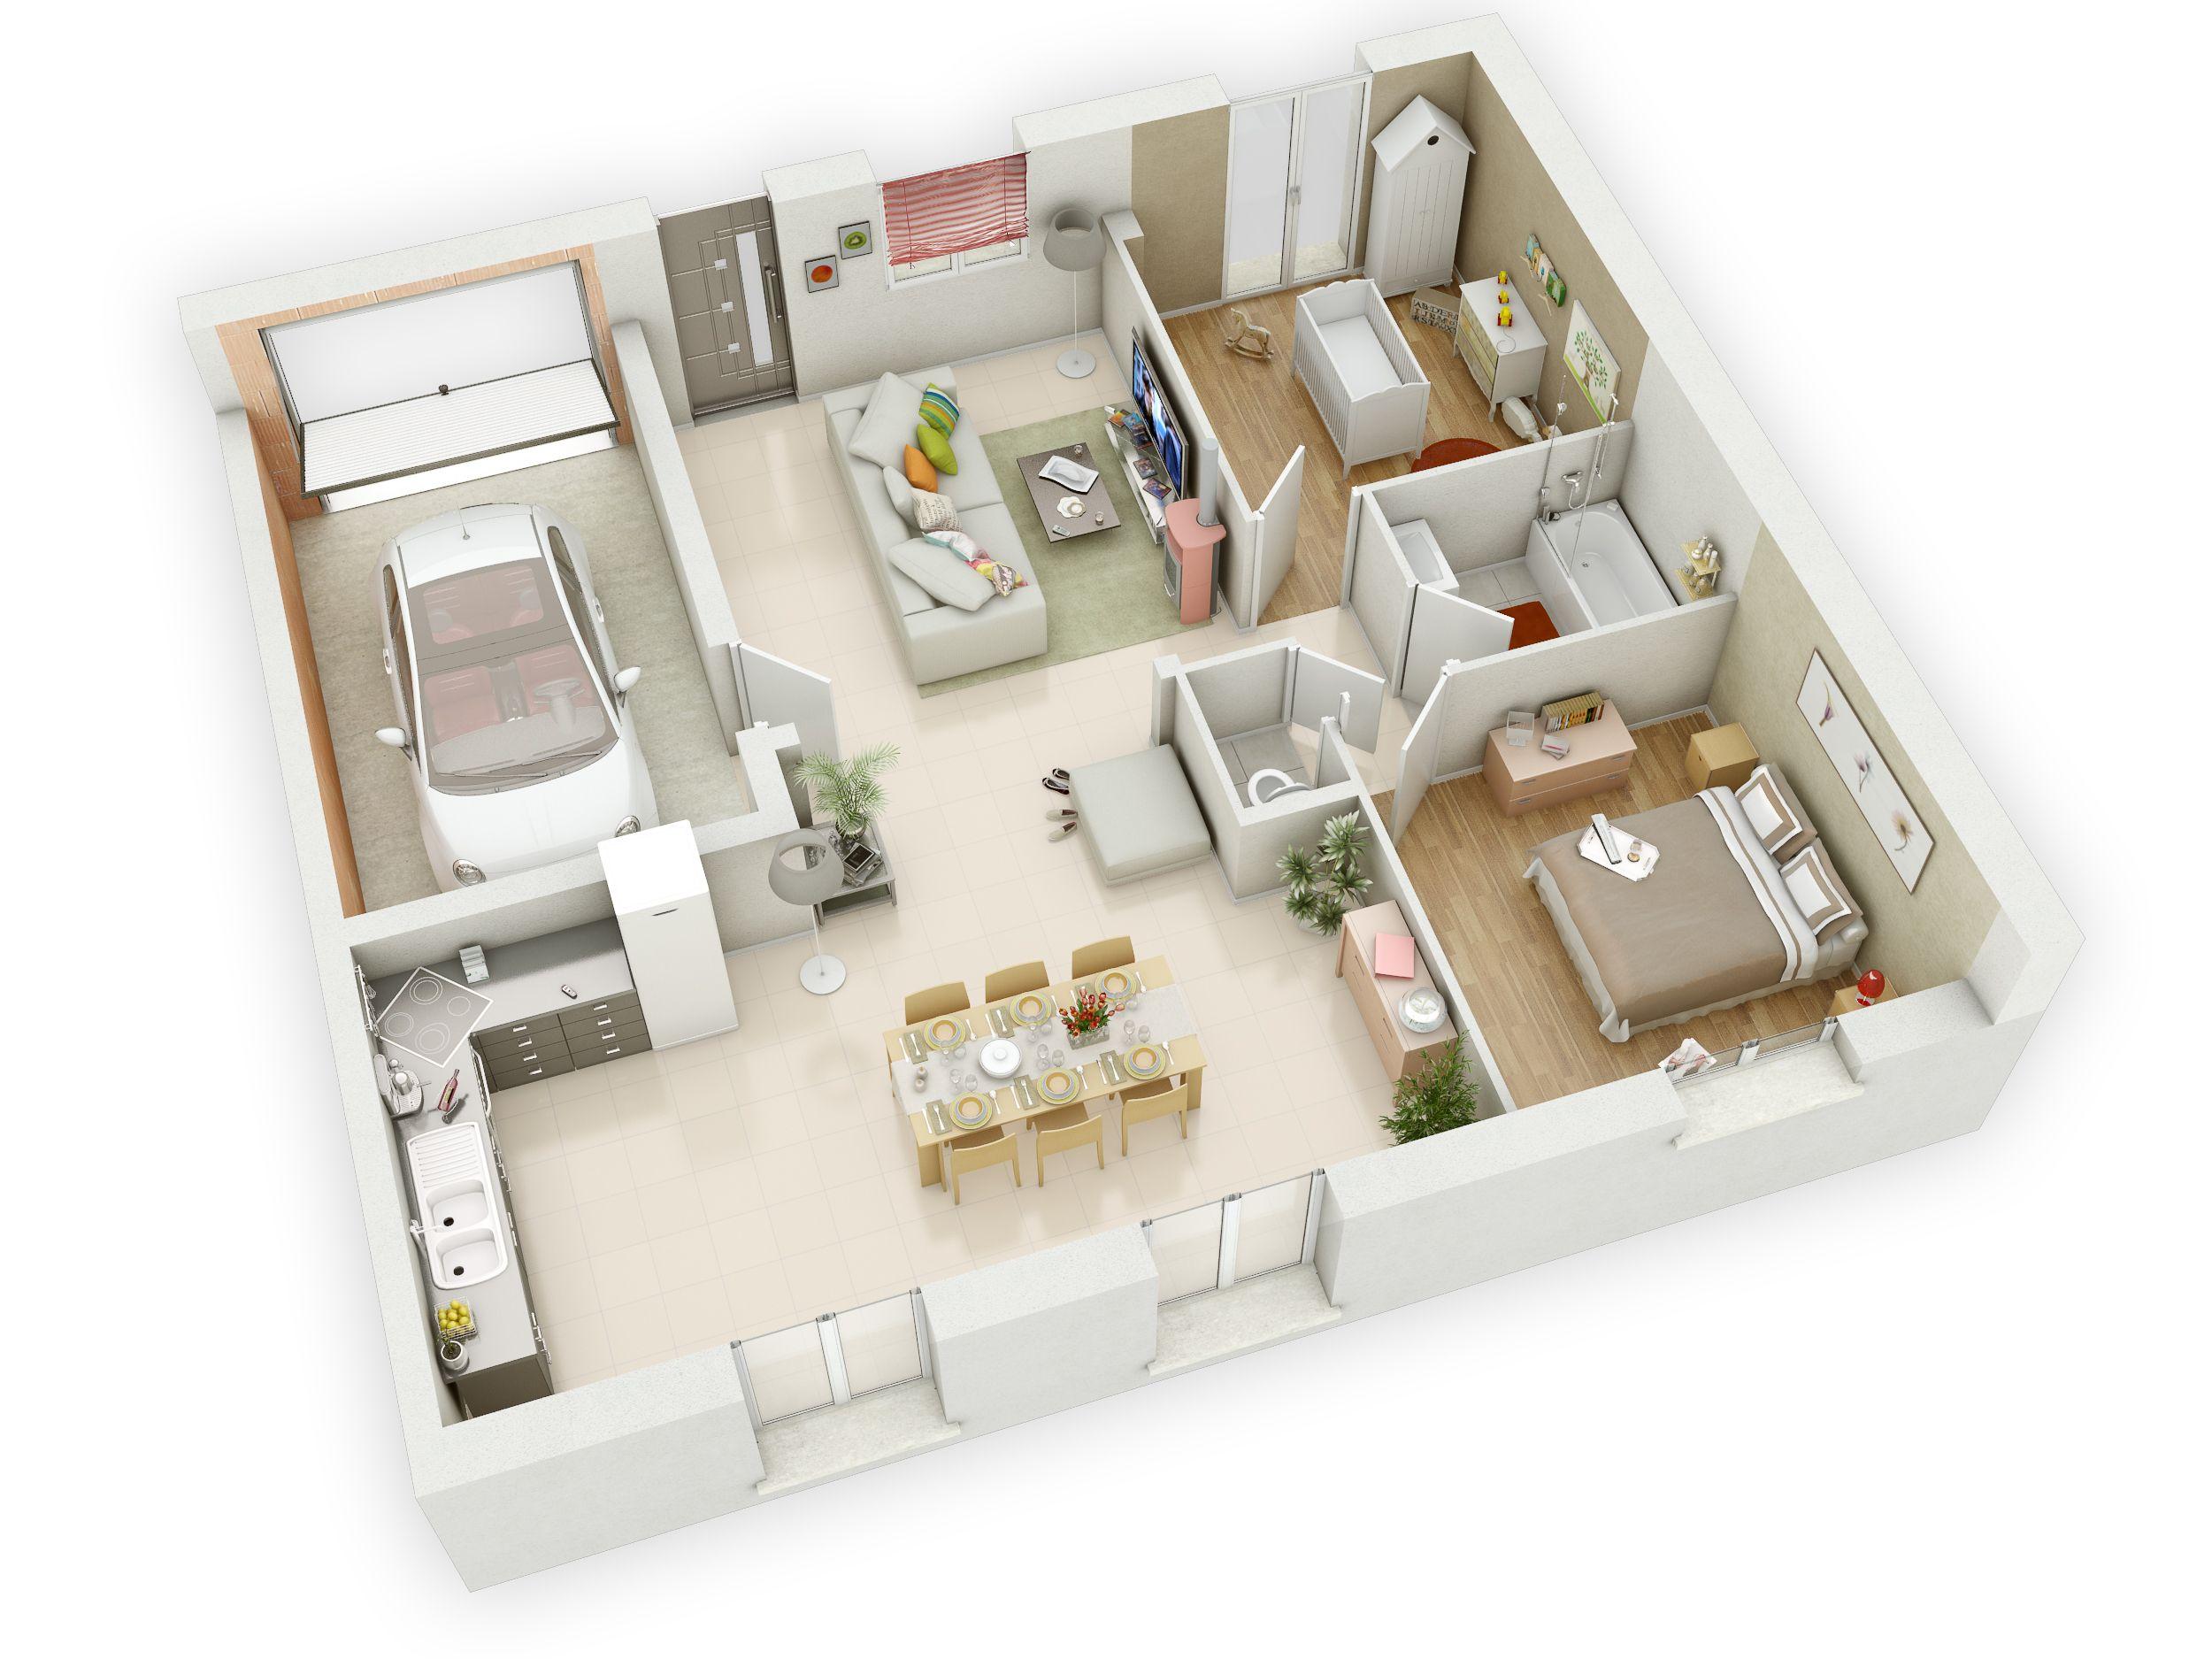 plan de maison mikit